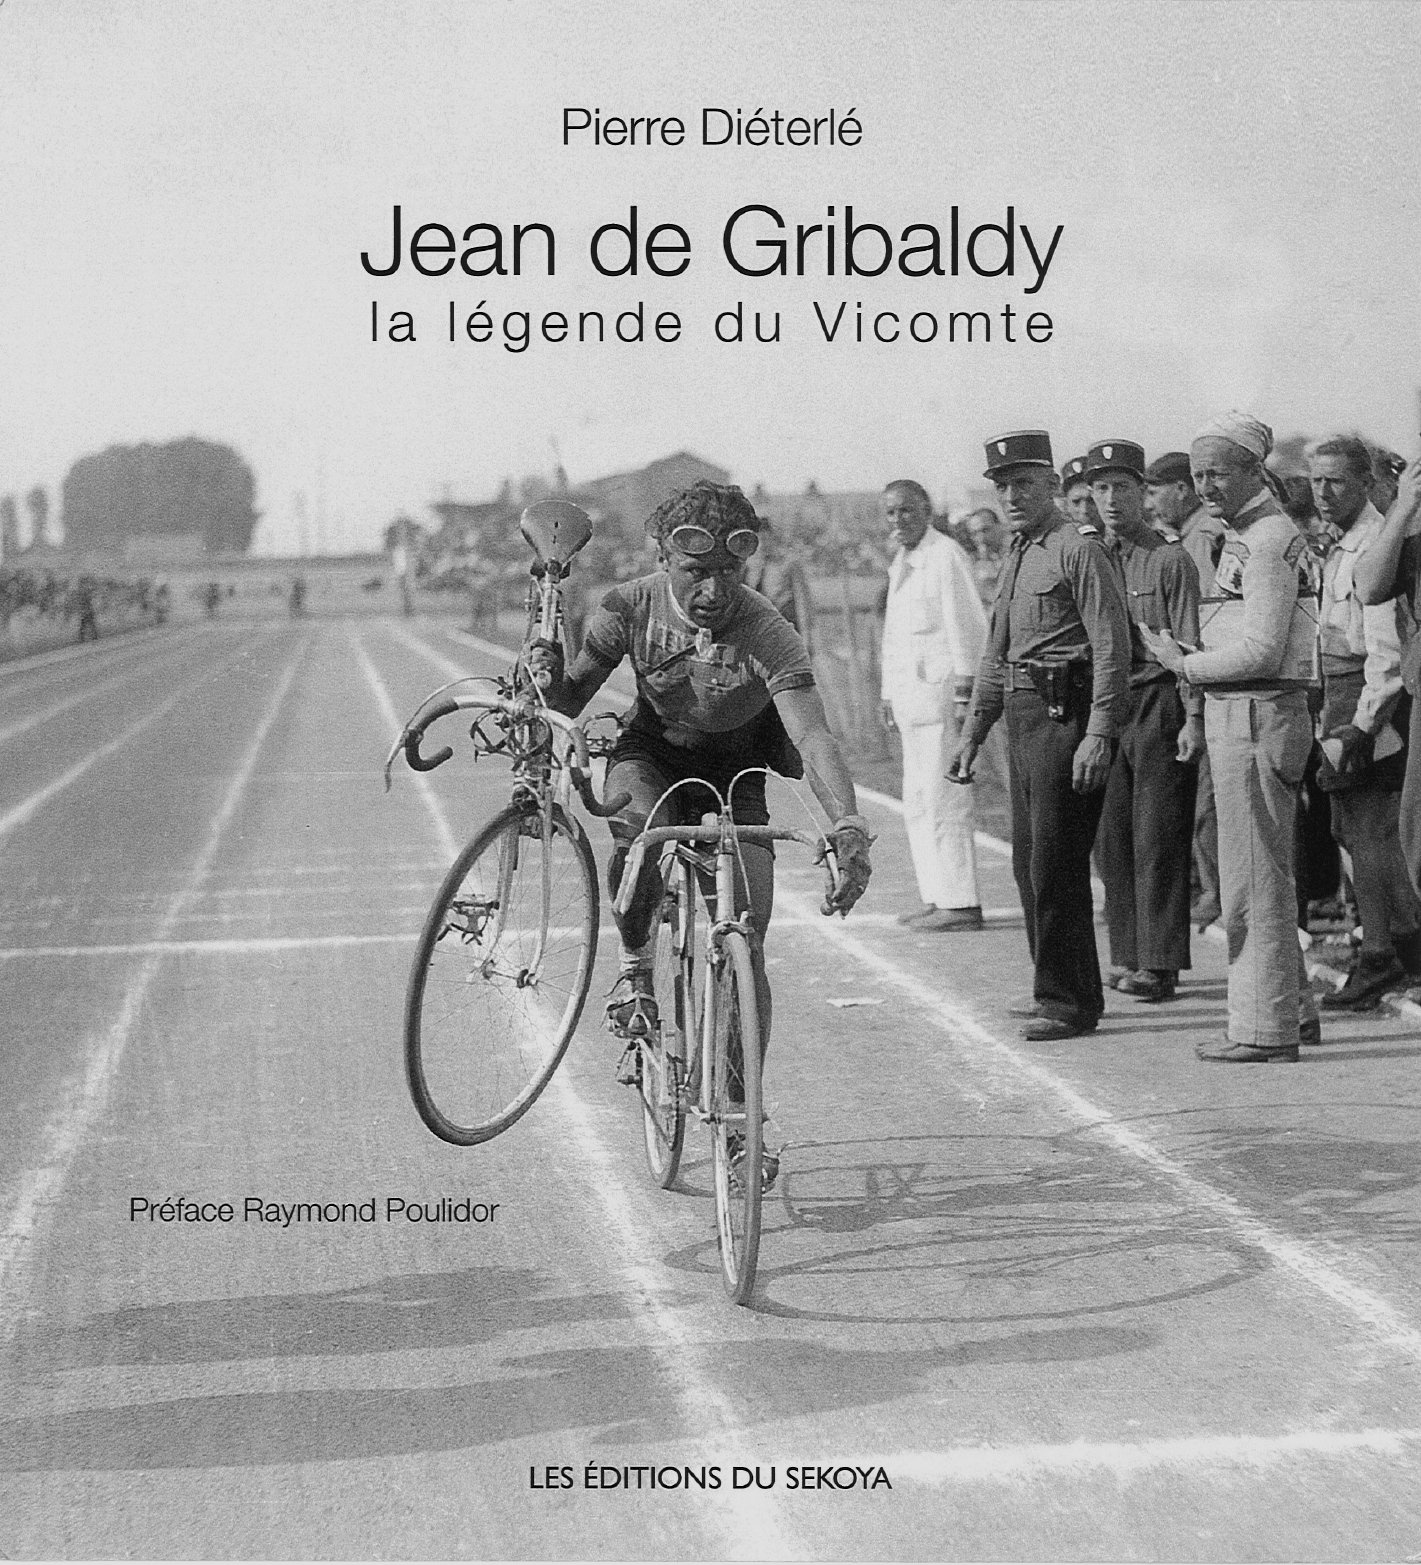 Livre Jean de Gribaldy : documents exceptionnels  918k2-8b5JL